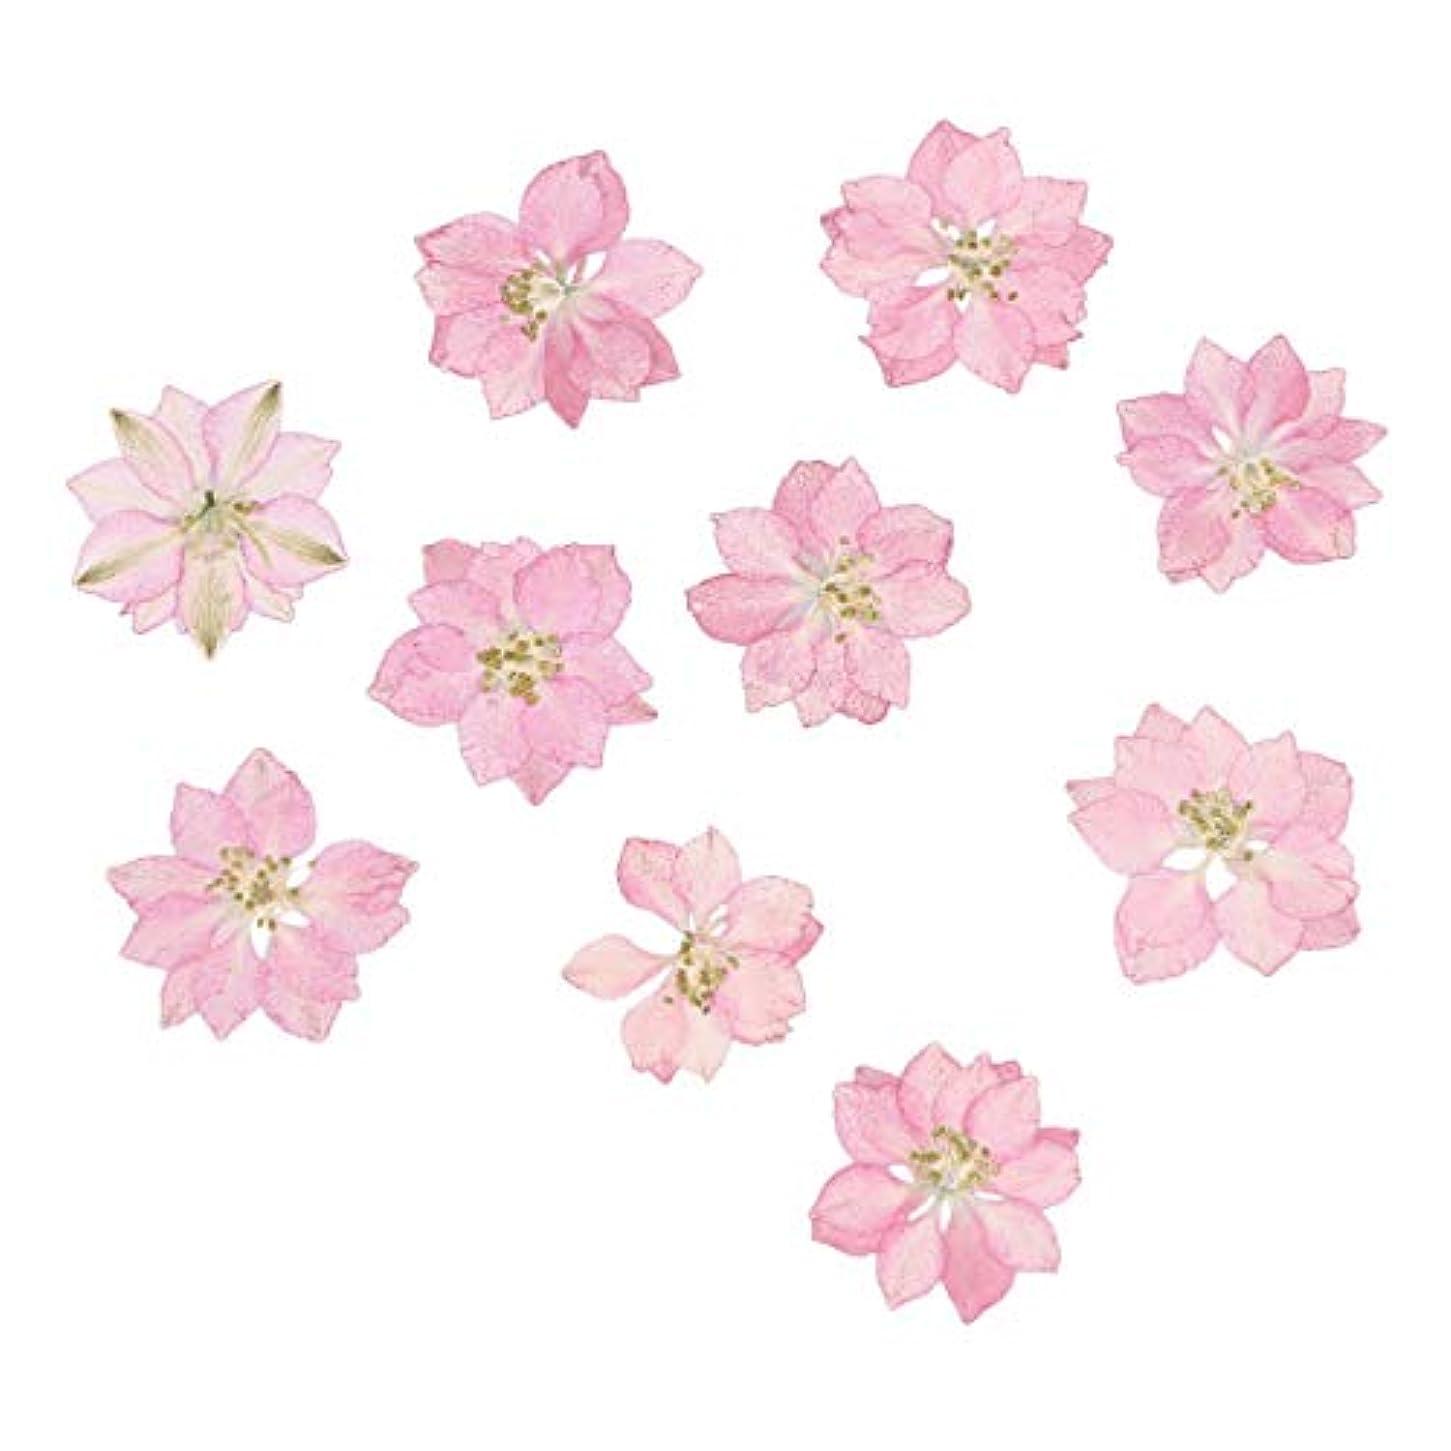 分数バタフライ突破口HEALLILY リアルドライ押花天然花飾り用diyジュエリーペンダント電話ケースカード20ピース